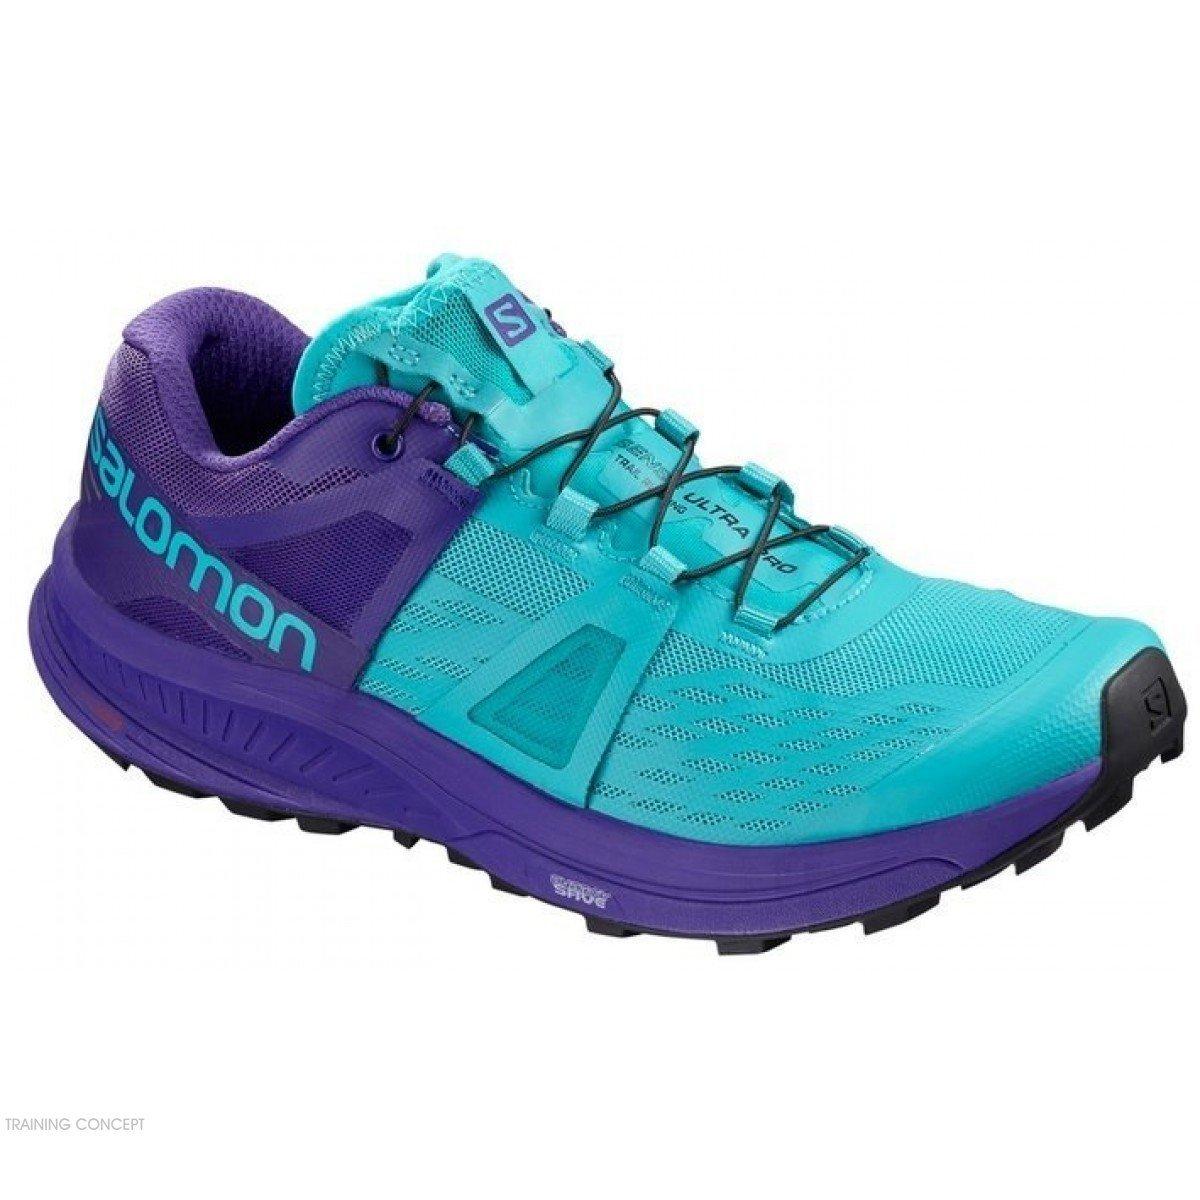 De Running Trail Salomon Pour Blue Chaussure 404948 Ultra Pro Femmes fgyb76